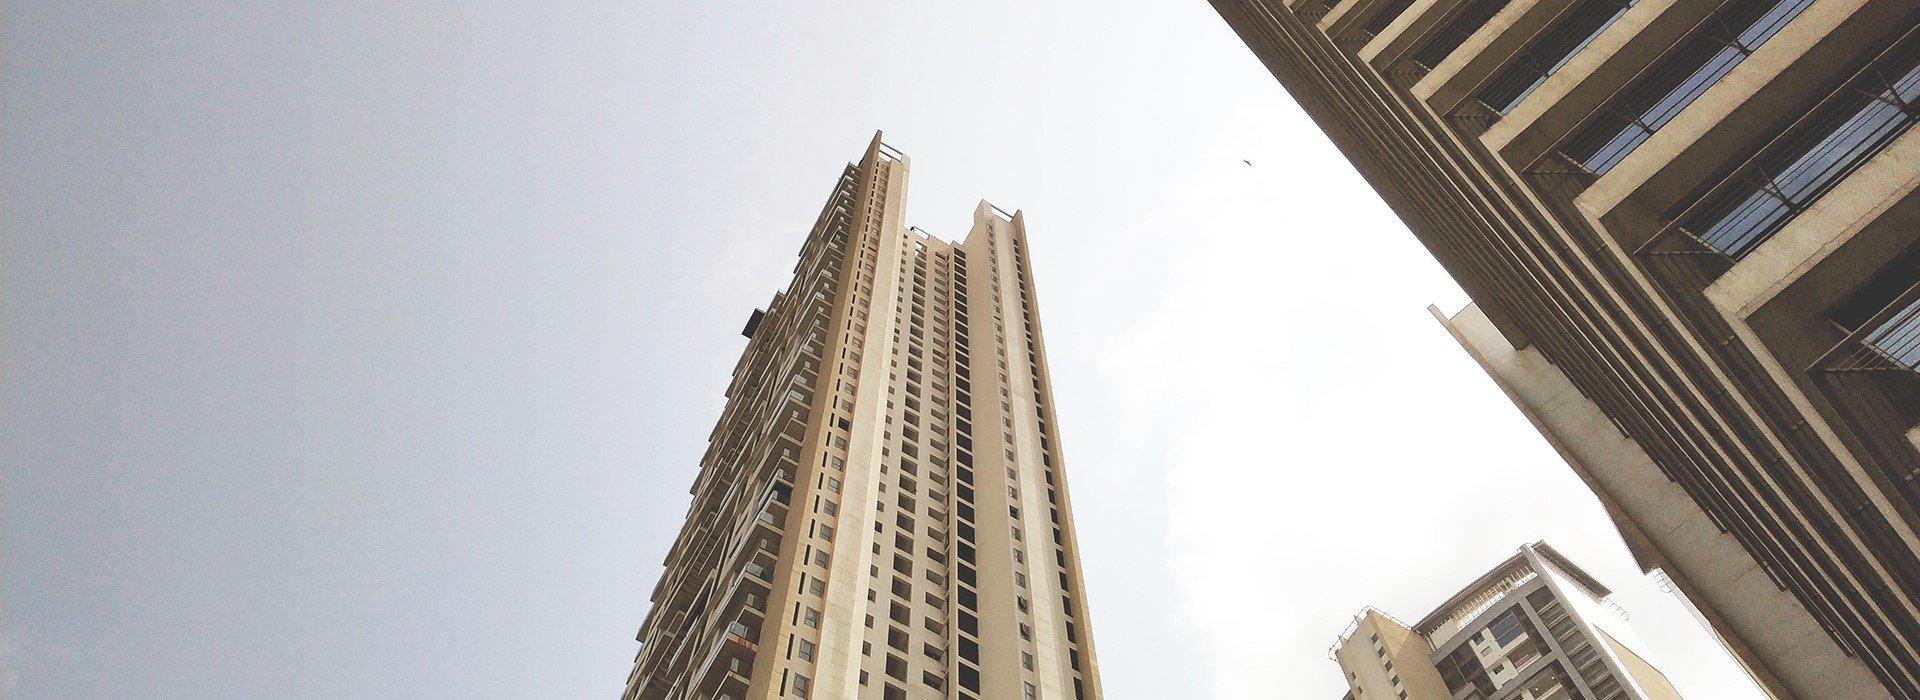 architectural-design-architecture-building-1666356